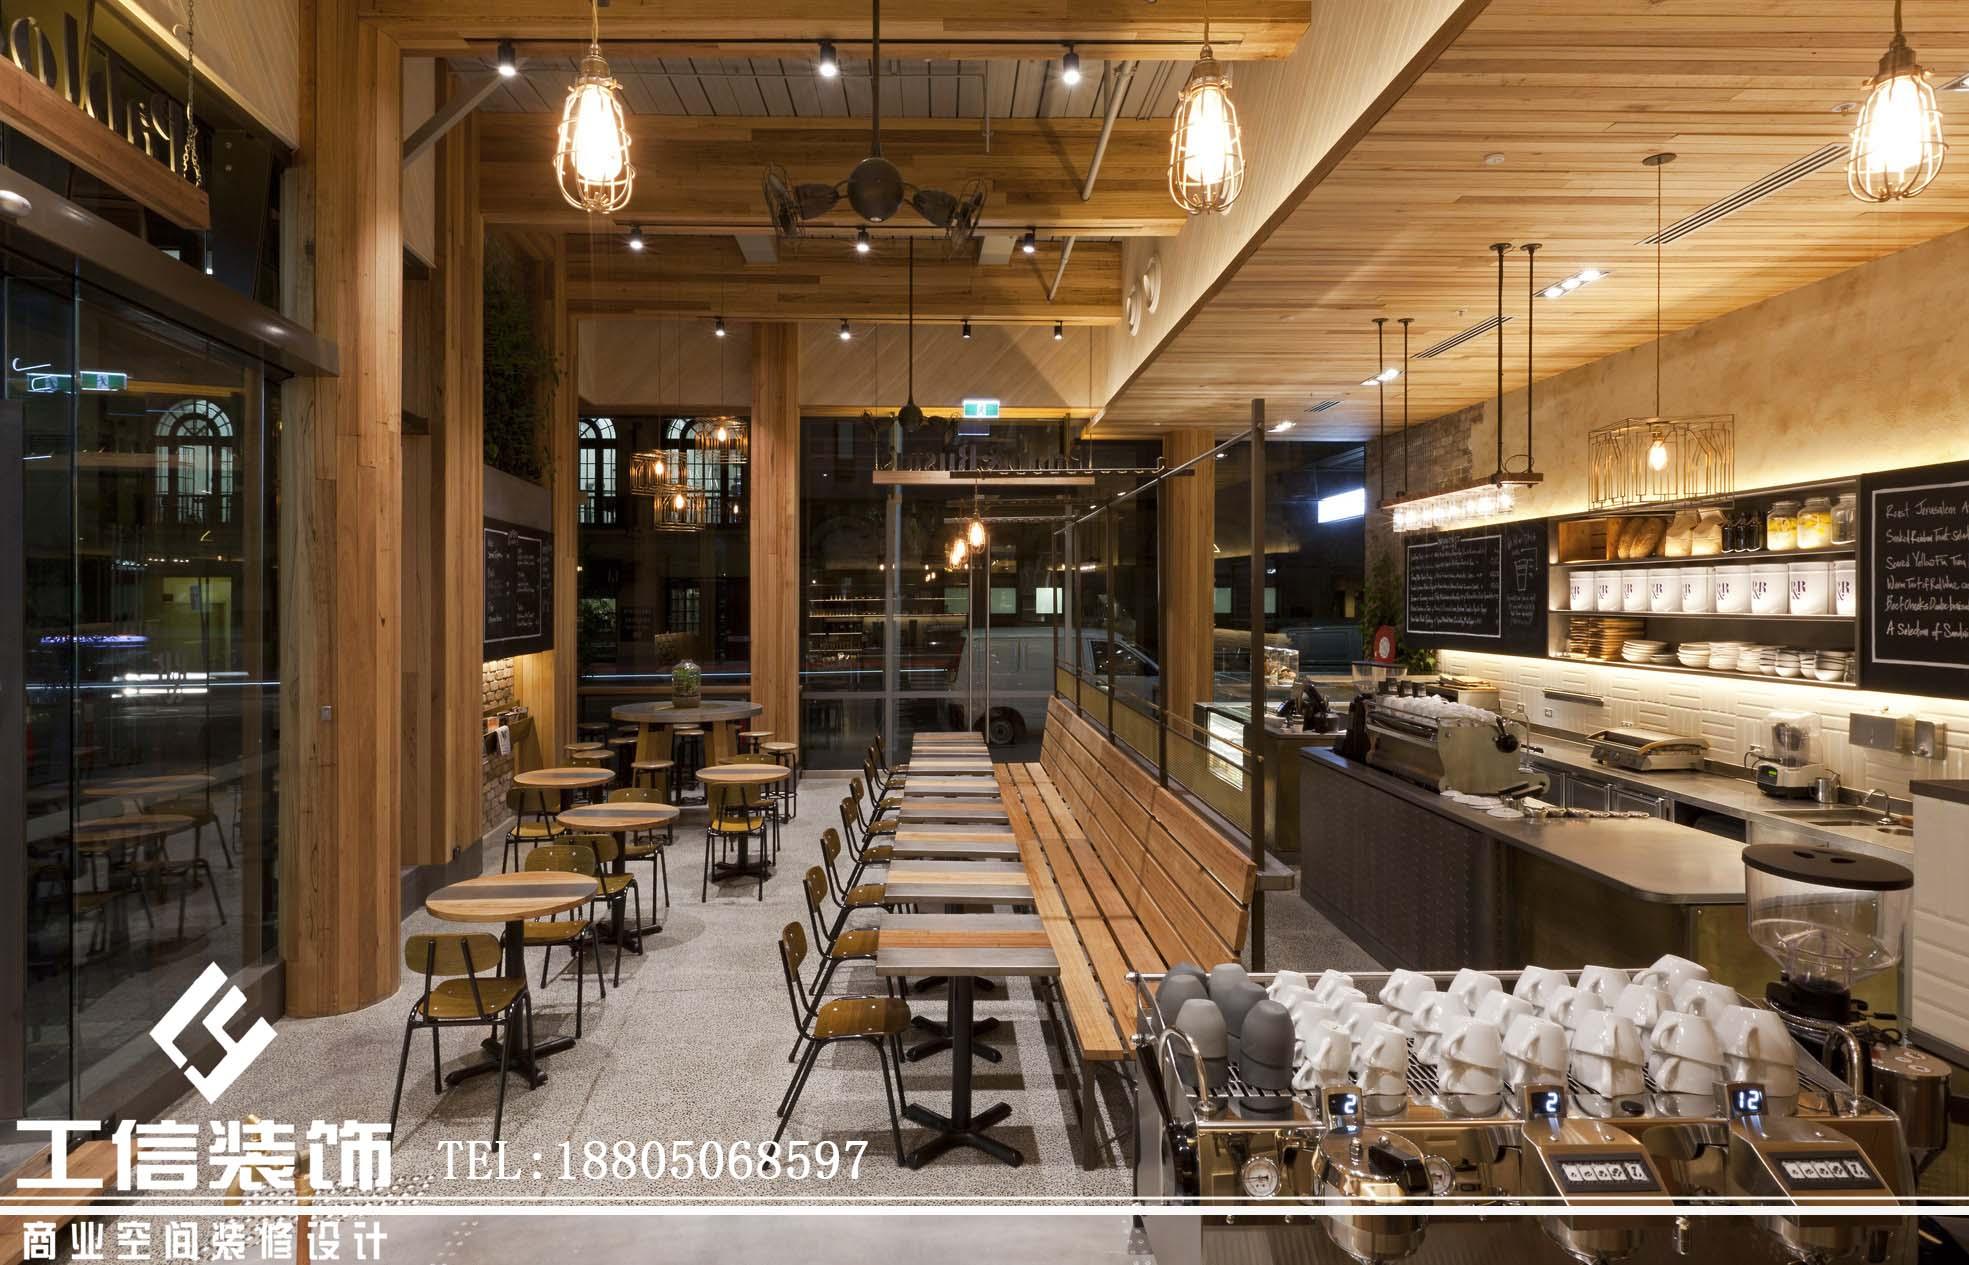 美式咖啡厅